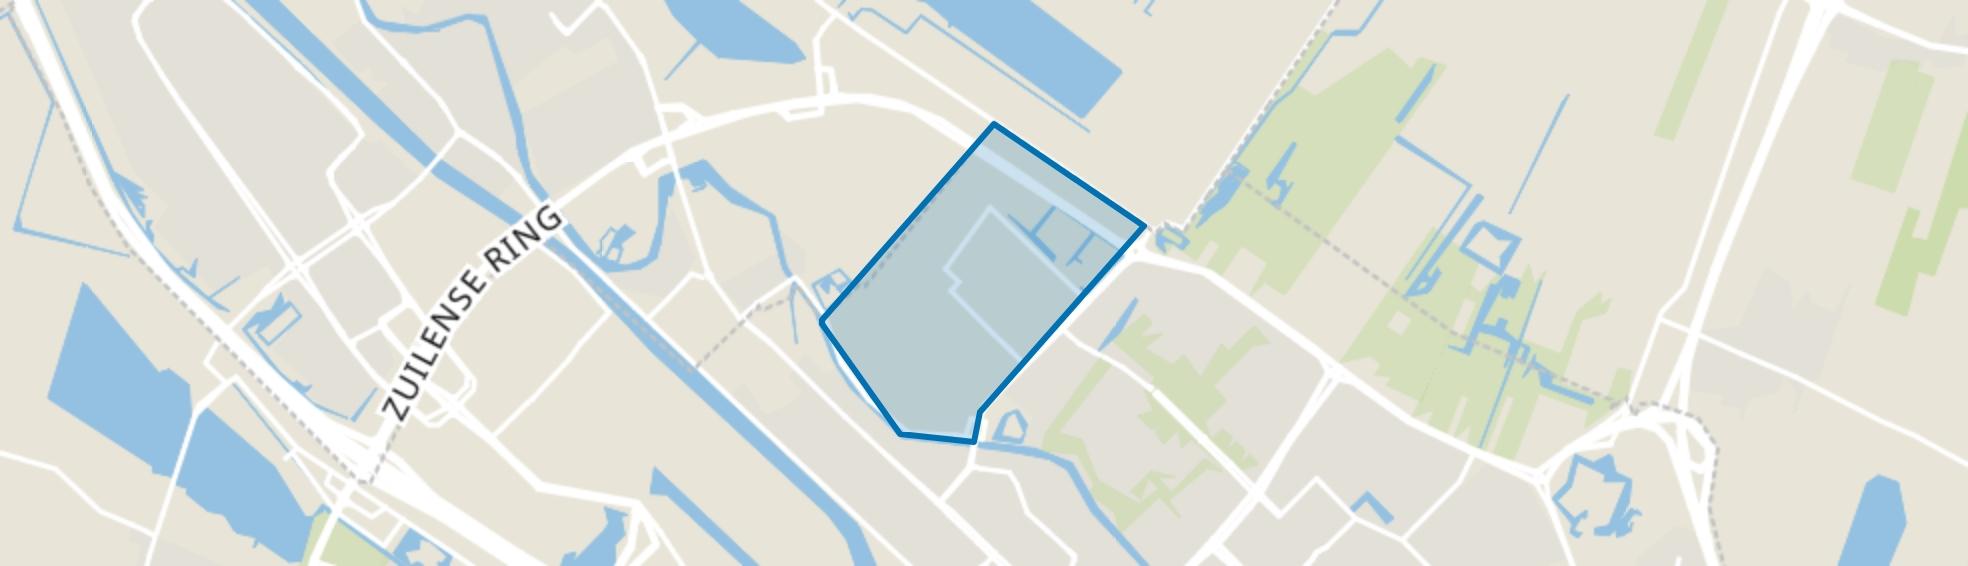 Bedrijventerrein en omgeving, Utrecht map